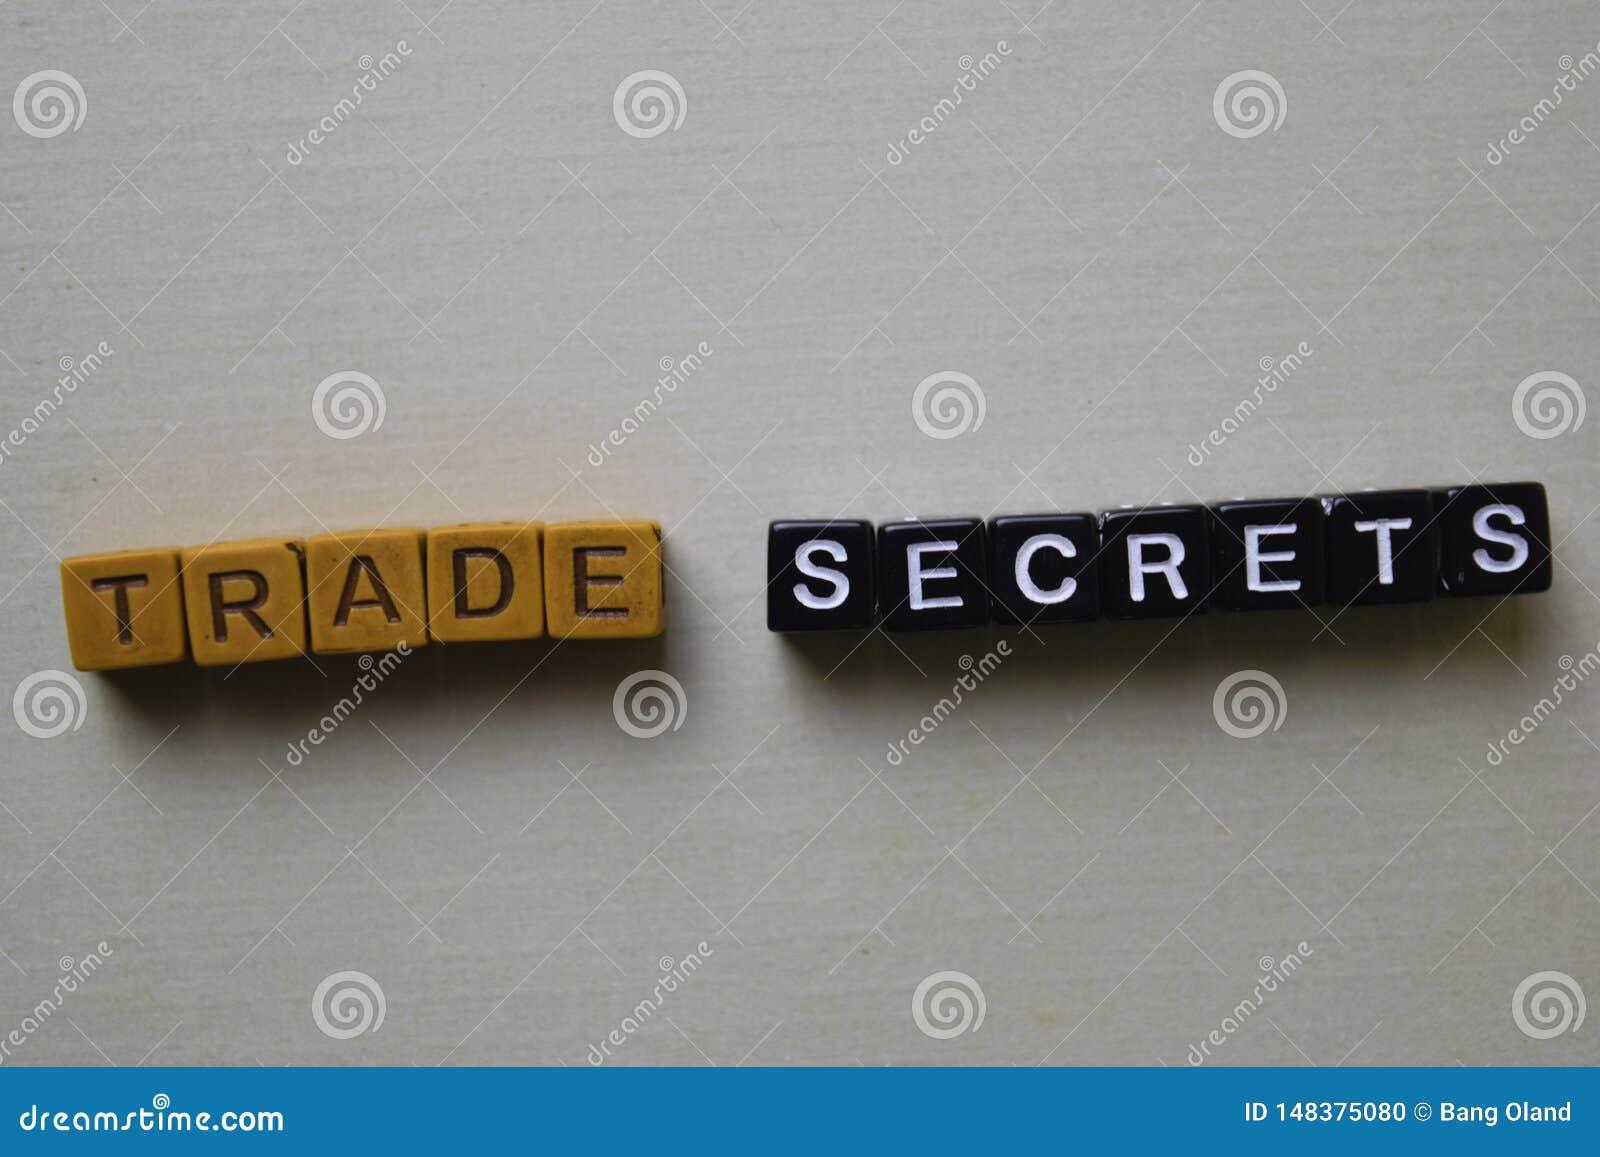 Gesch?ftsgeheimnisse auf Holzkl?tzen Gesch?fts- und Inspirationskonzept